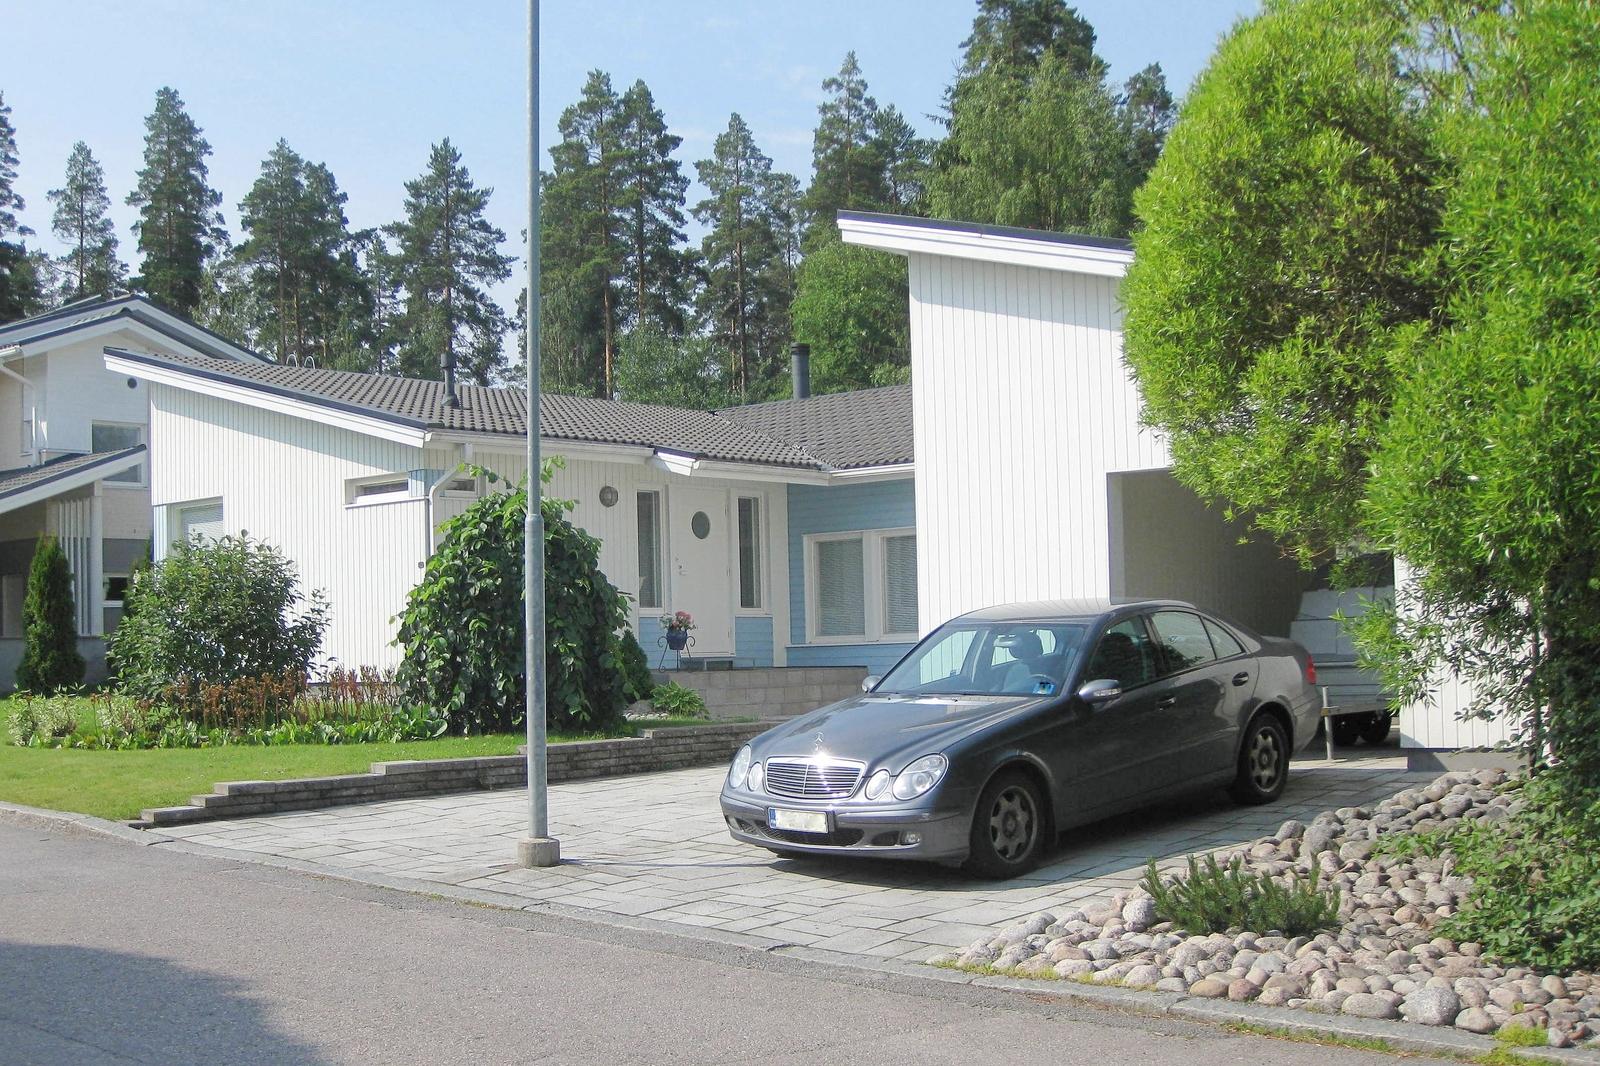 Lämpimästi tervetuloa tutustumaan! Kohdetta esittelee LKV Sari Karvonen 050-5251581